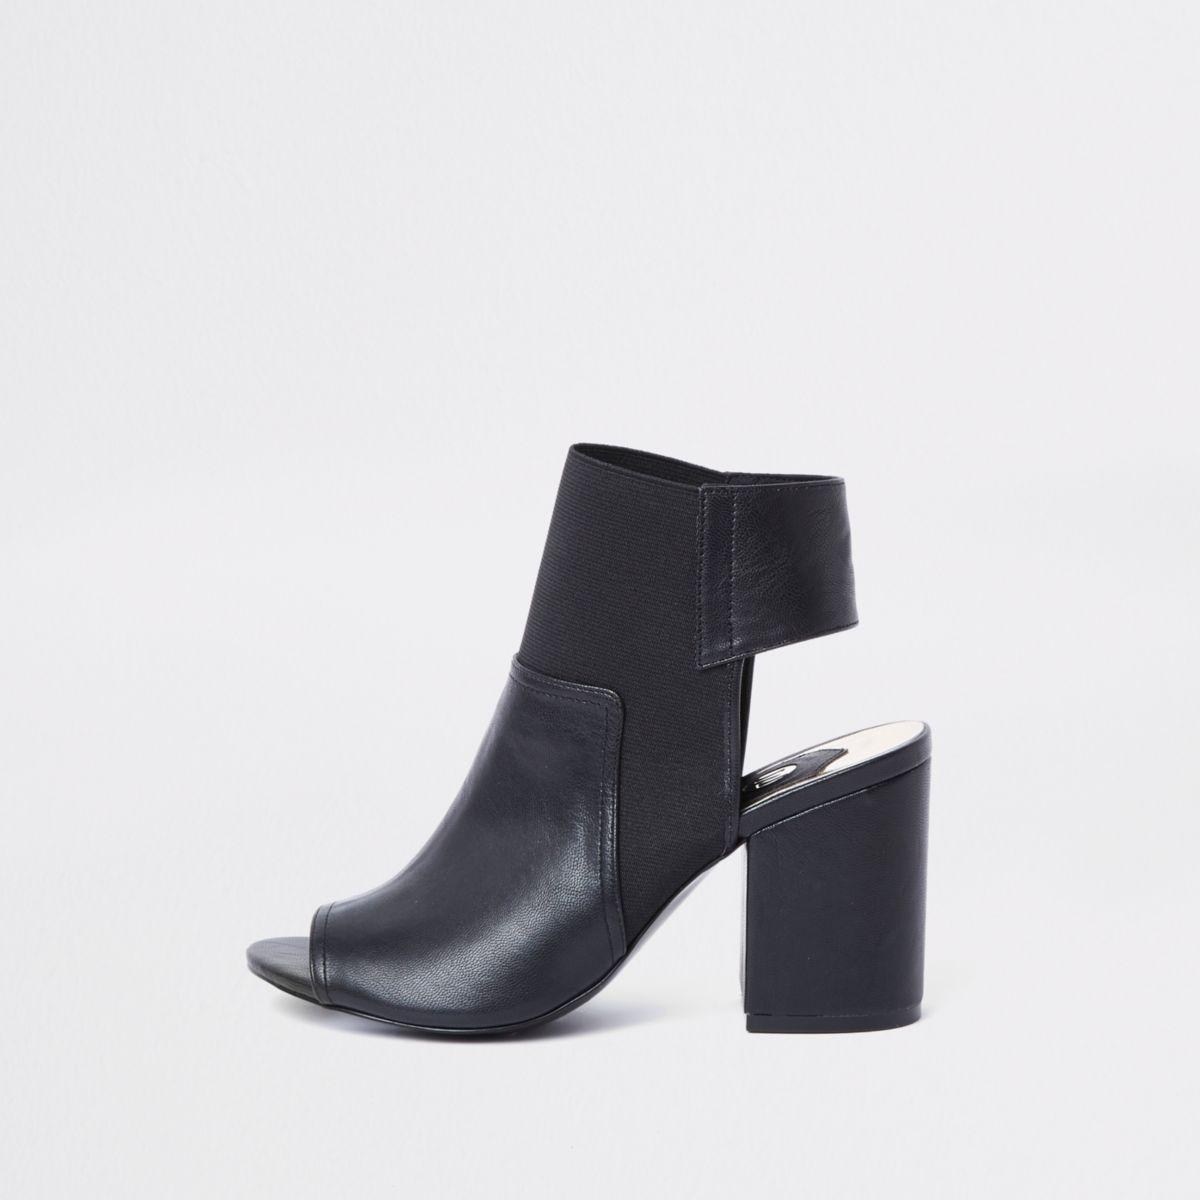 Schwarze Shoe Boots aus Kunstleder mit Blockabsatz